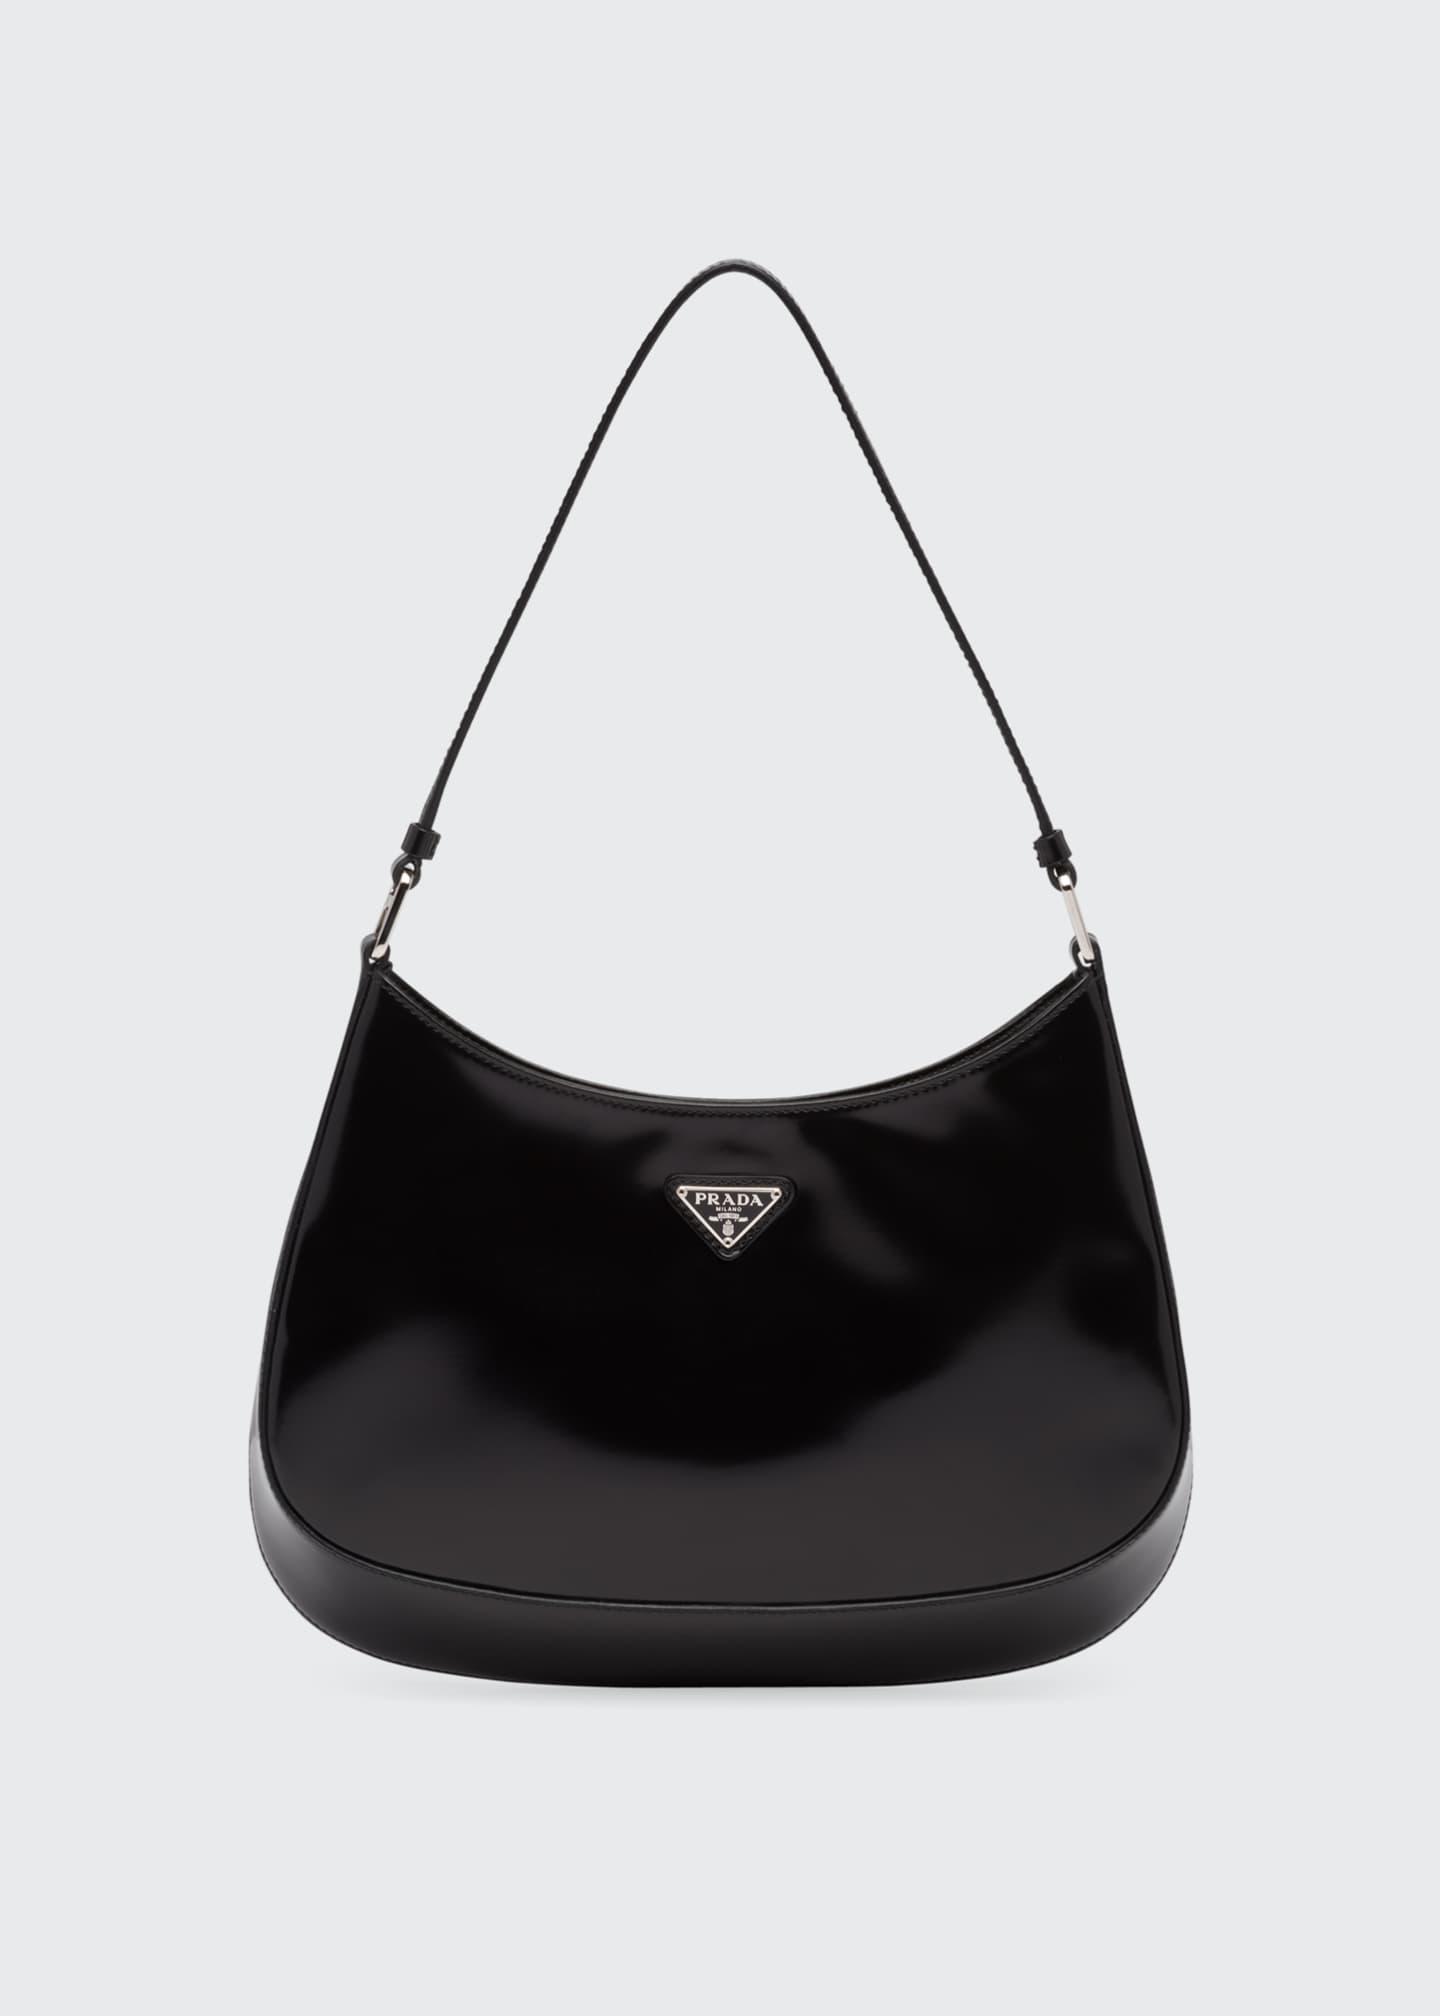 Prada Cleo Brushed Leather Hobo Bag   Bergdorf Goodman